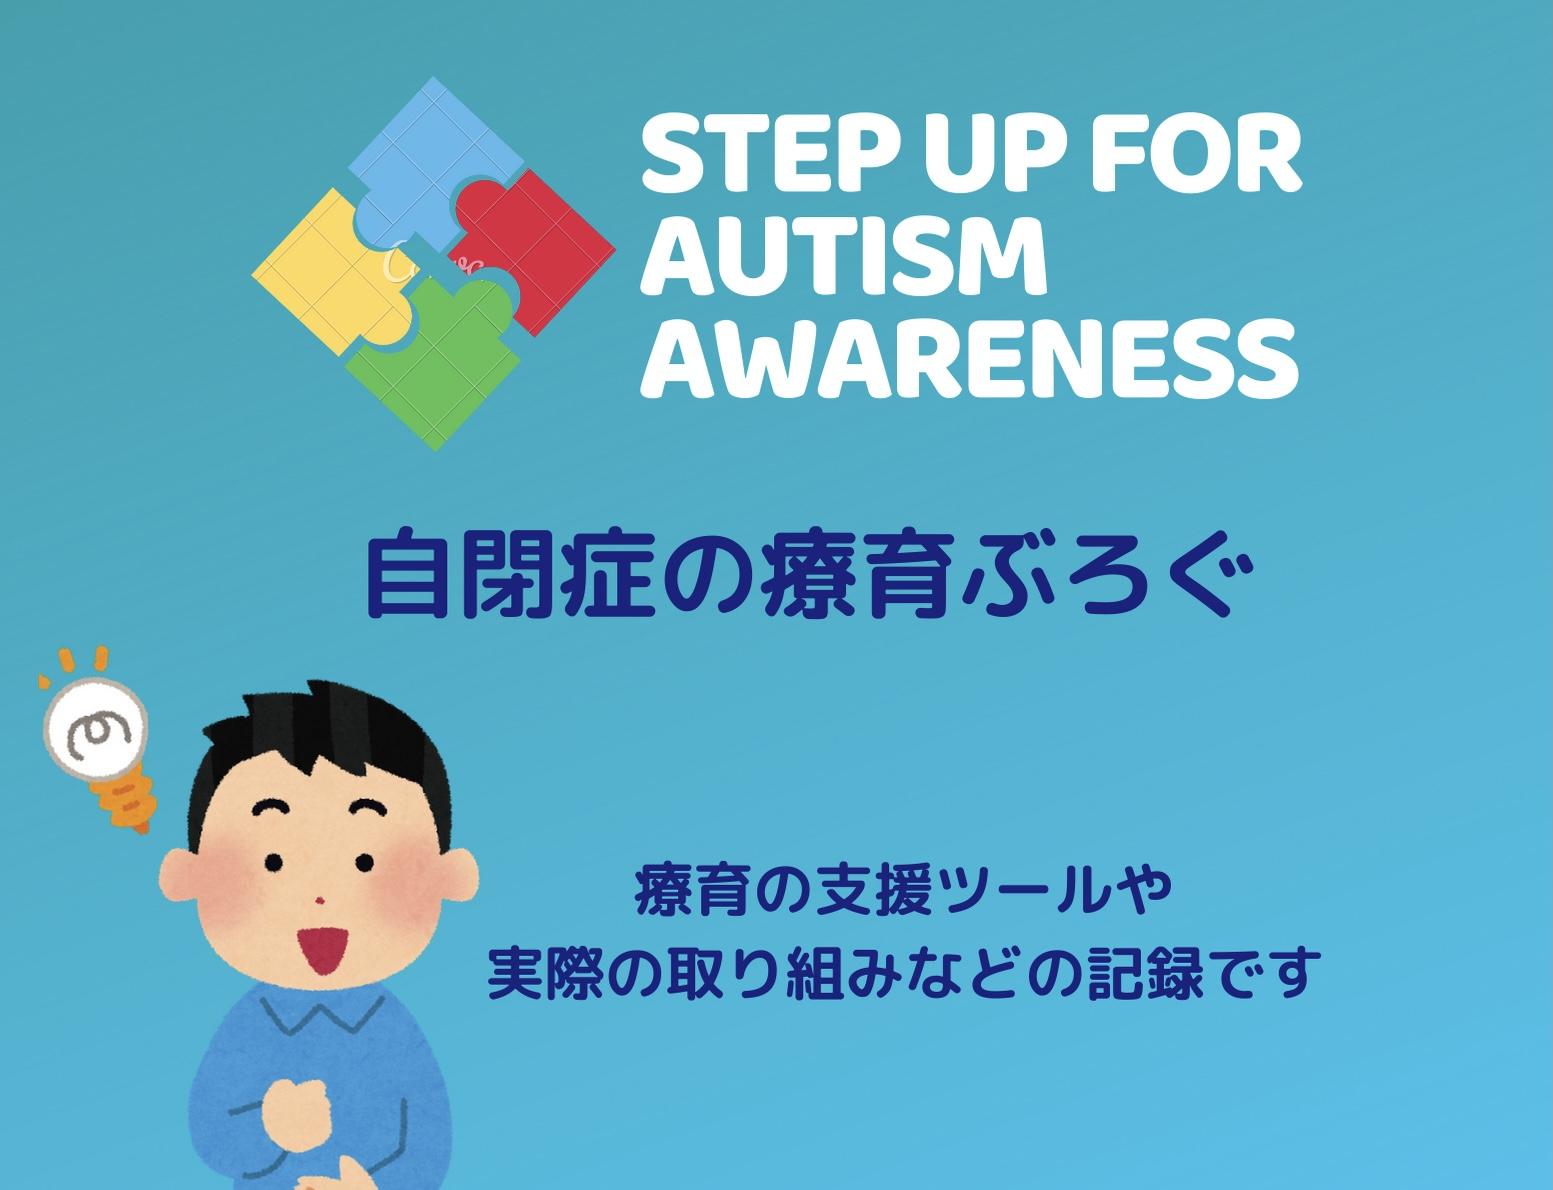 ぴょんぴょん自閉症の視覚支援の療育を推進するぶろぐ